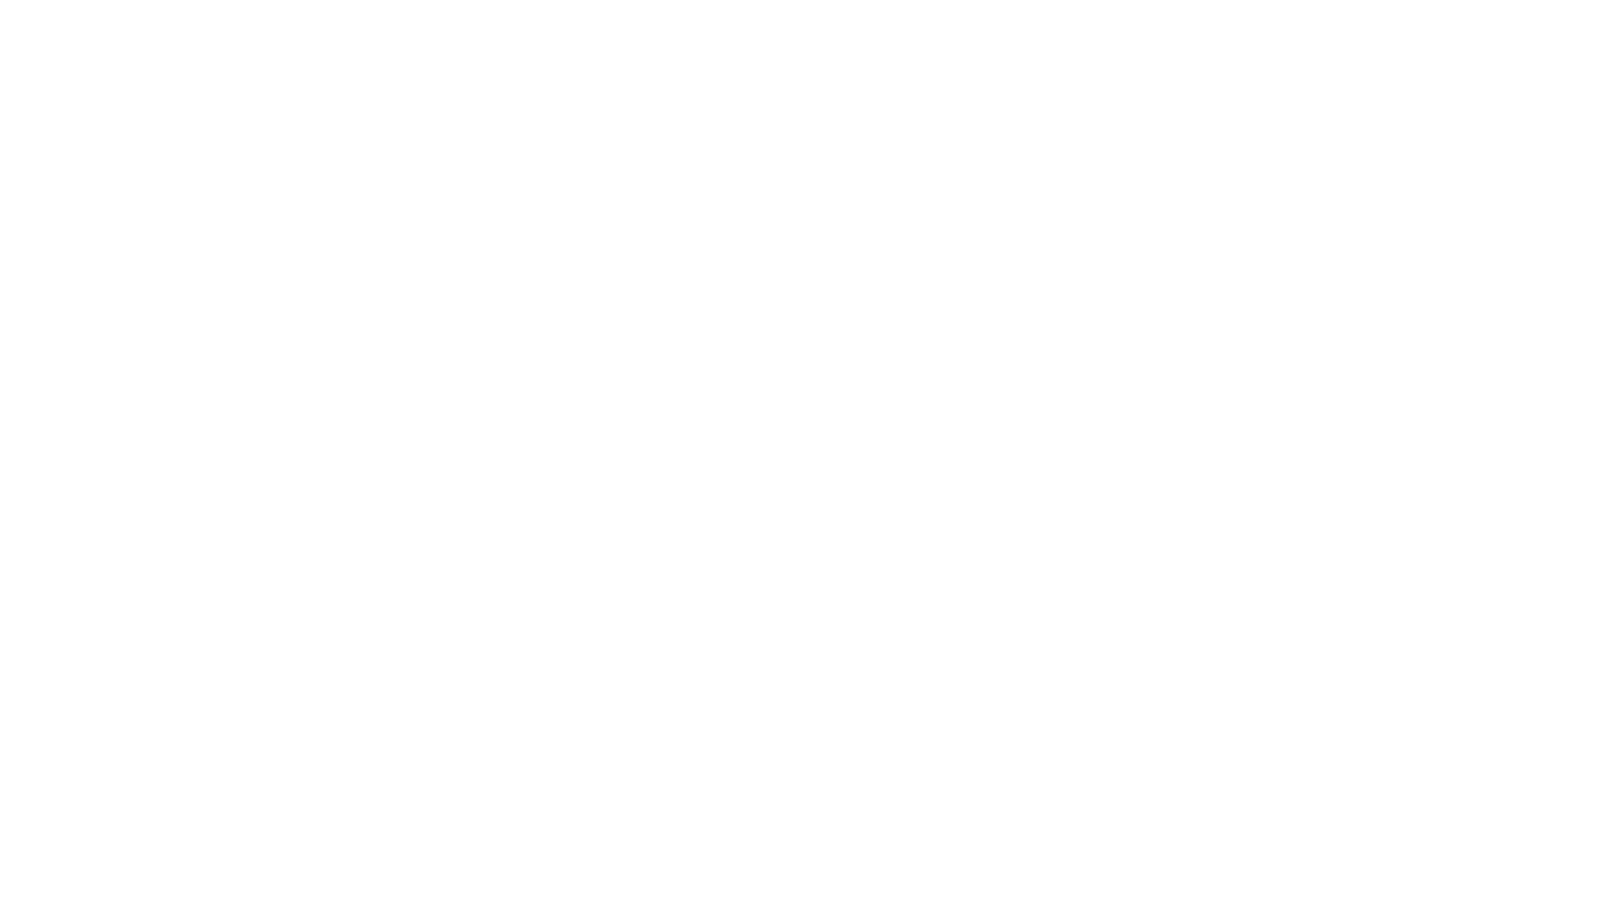 Con motivo de la celebración de los 30 años de la AEISAD se ha elaborado una presentación de la historia de la AEISAD desde su fundación en el año 1991 hasta el año 2021.  Créditos música: Obra: Dicen Música de https://www.fiftysounds.com/es/